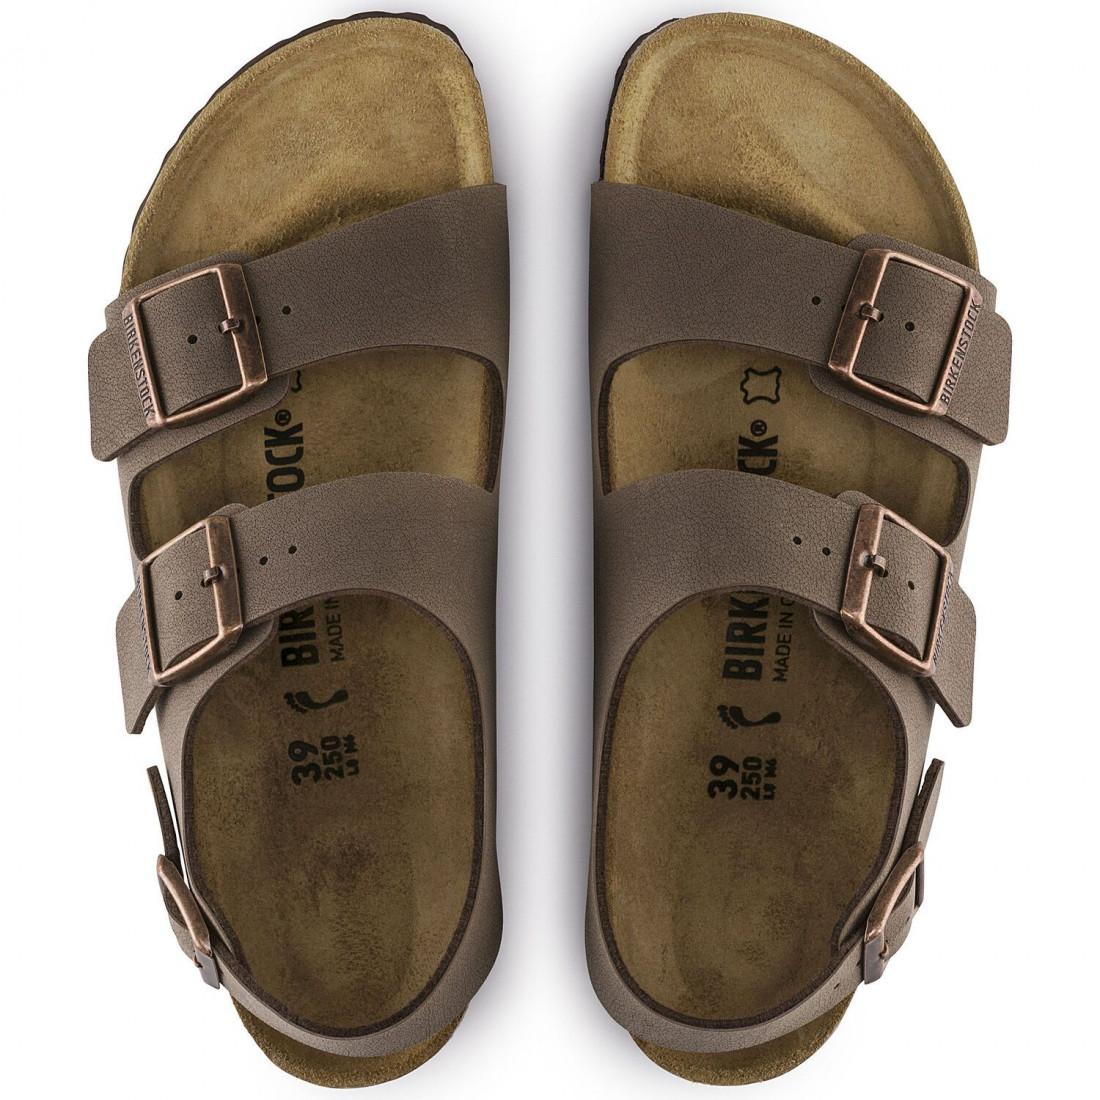 sandals man birkenstock milano m0634503 7295